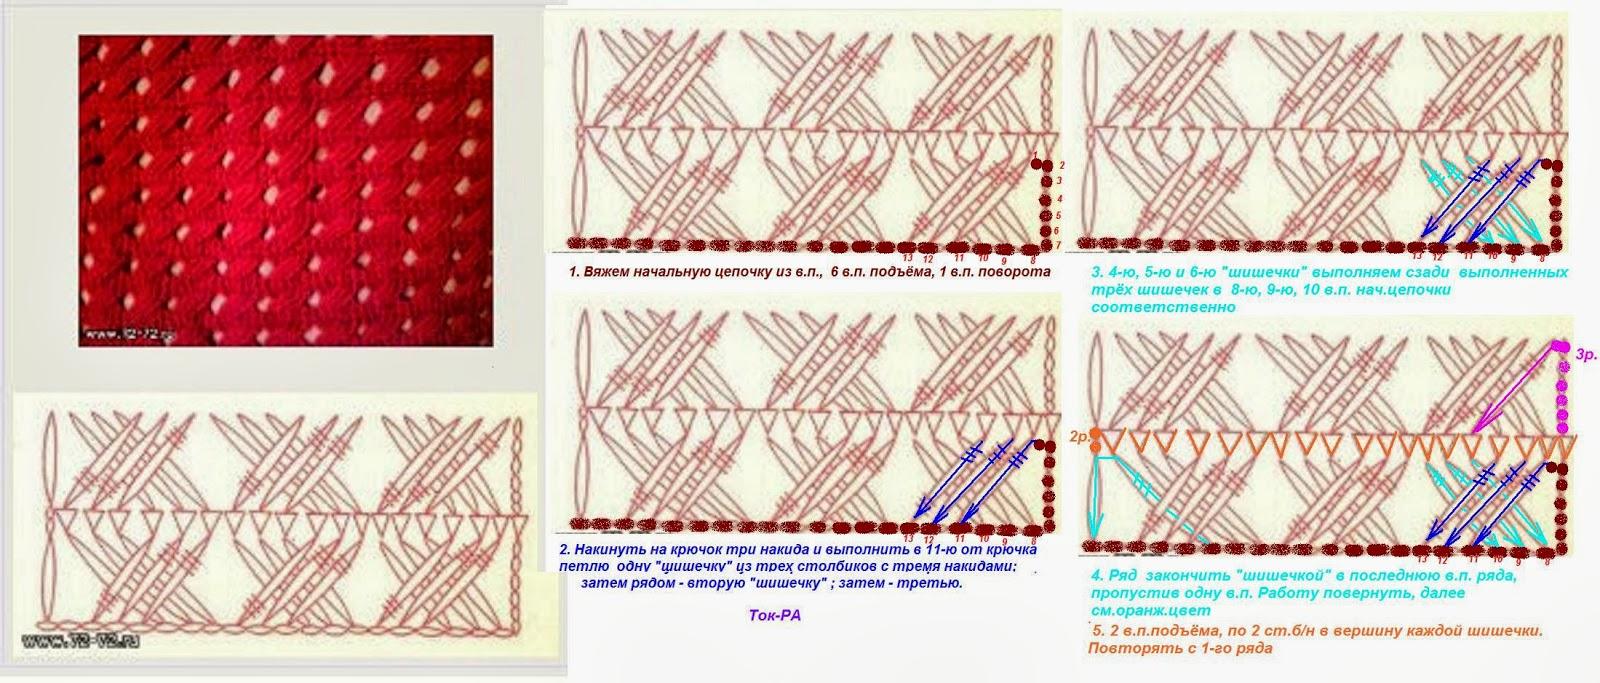 Схема узоров с накидом вязания на спицах